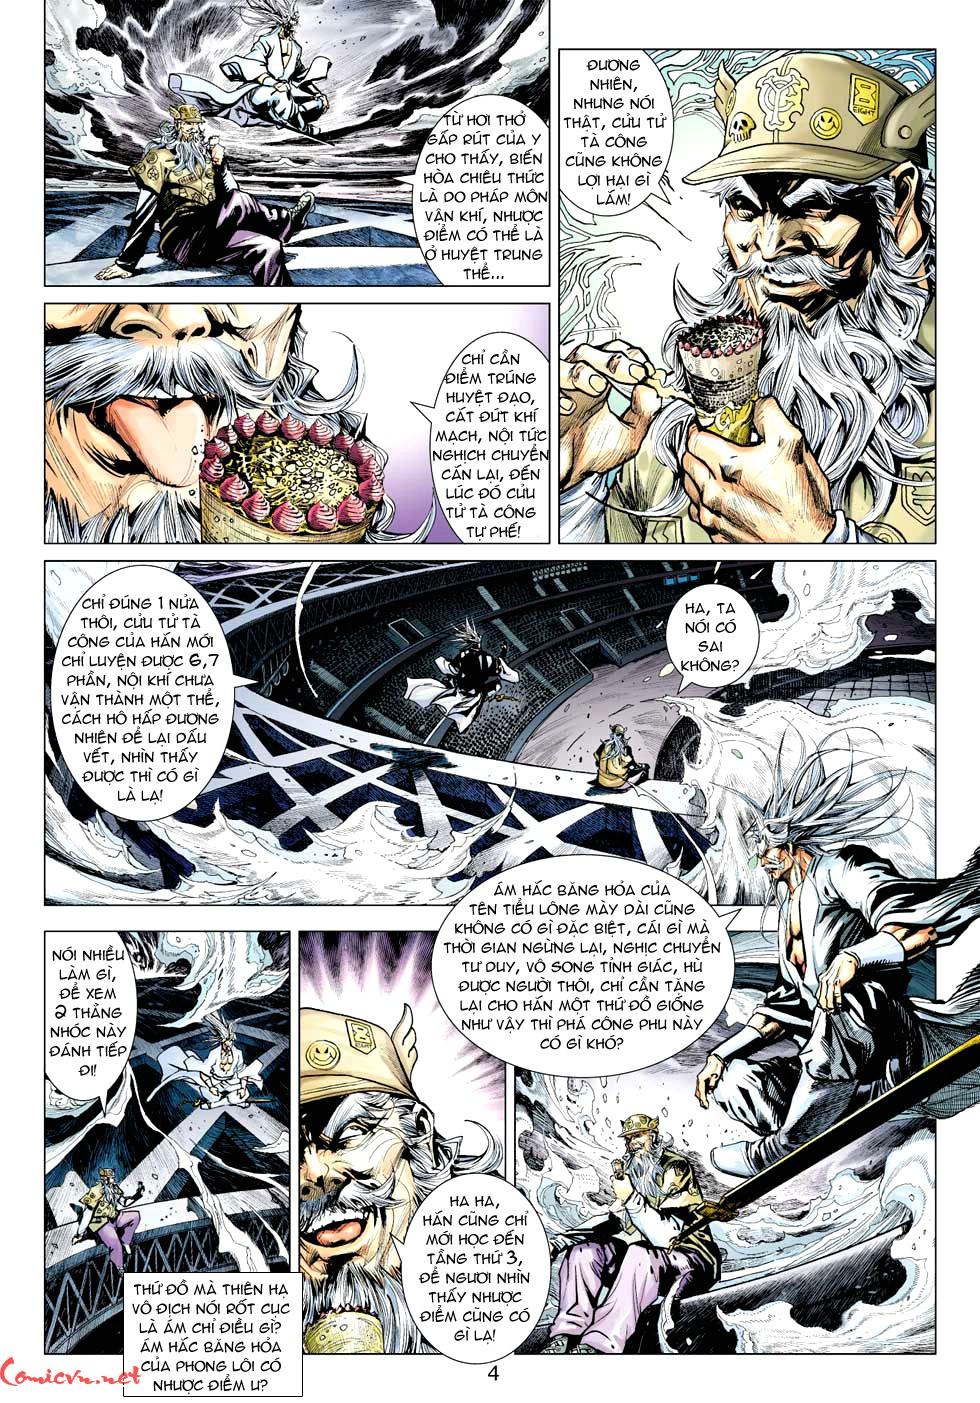 Vương Phong Lôi 1 chap 32 - Trang 4